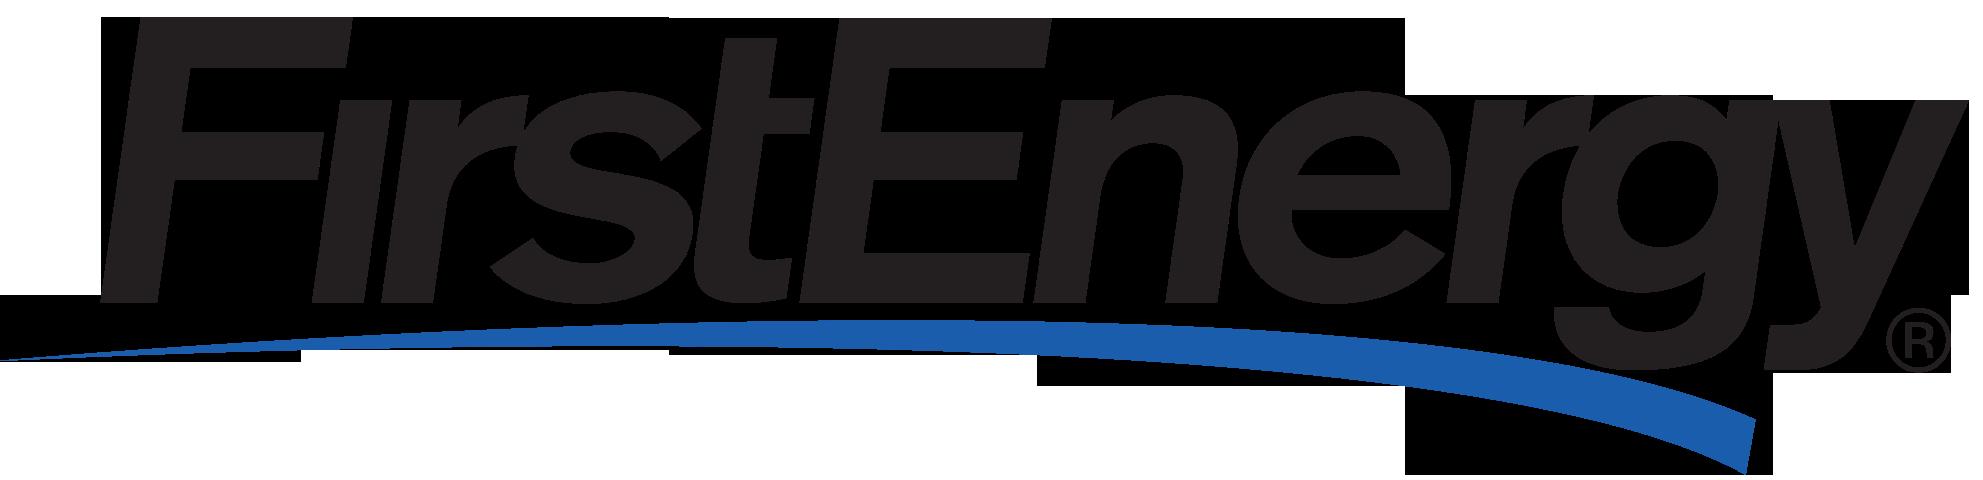 Con Edison Competitors, Revenue and Employees - Owler Company Profile